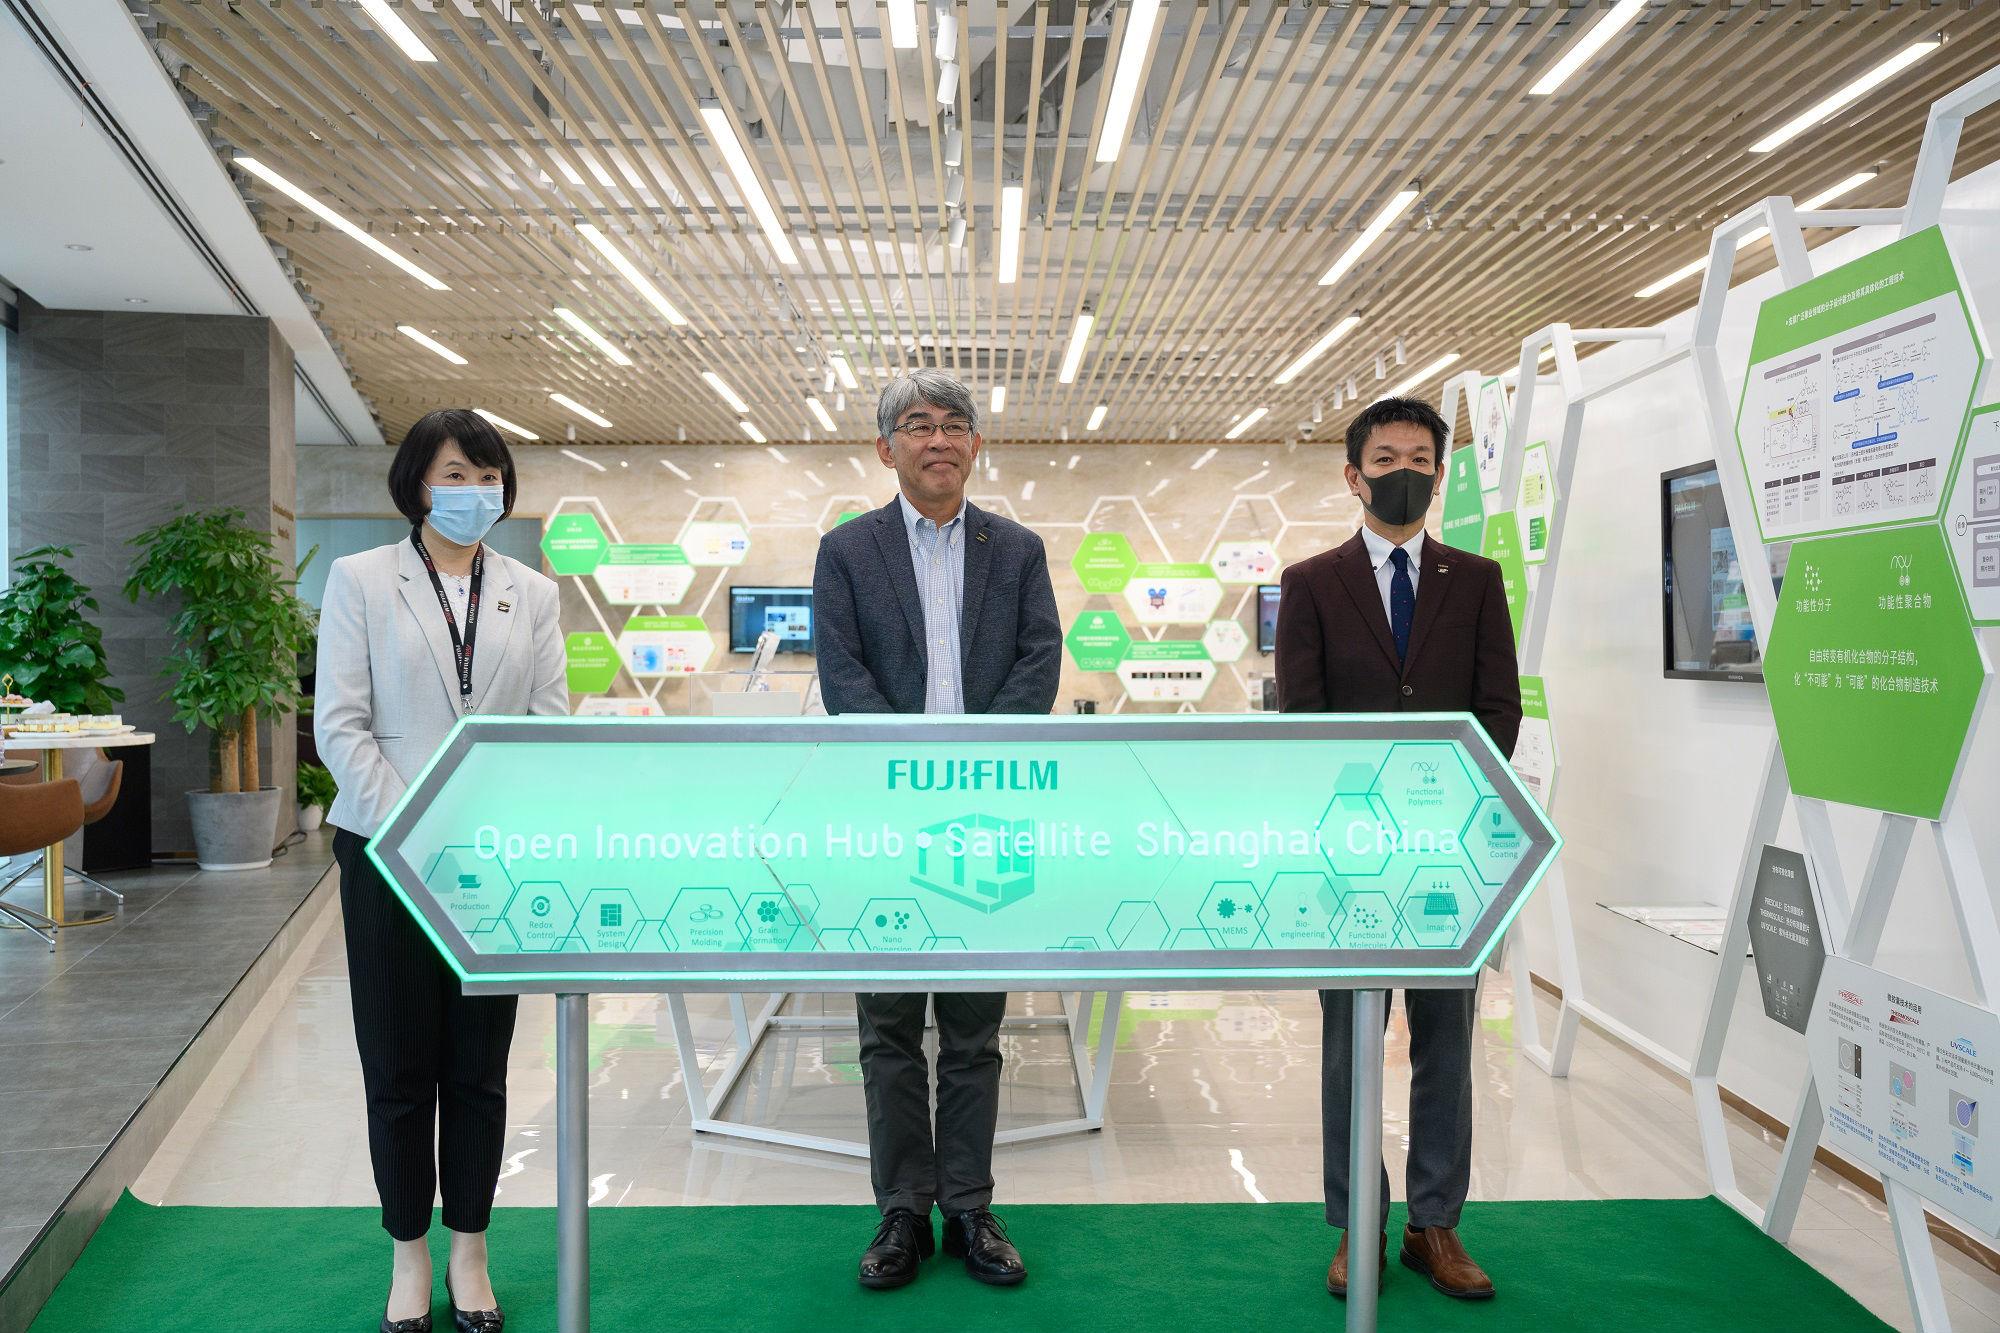 富士胶片开放创新中心中国区首个分站正式揭幕:与本土企业共促融合沟通与创新